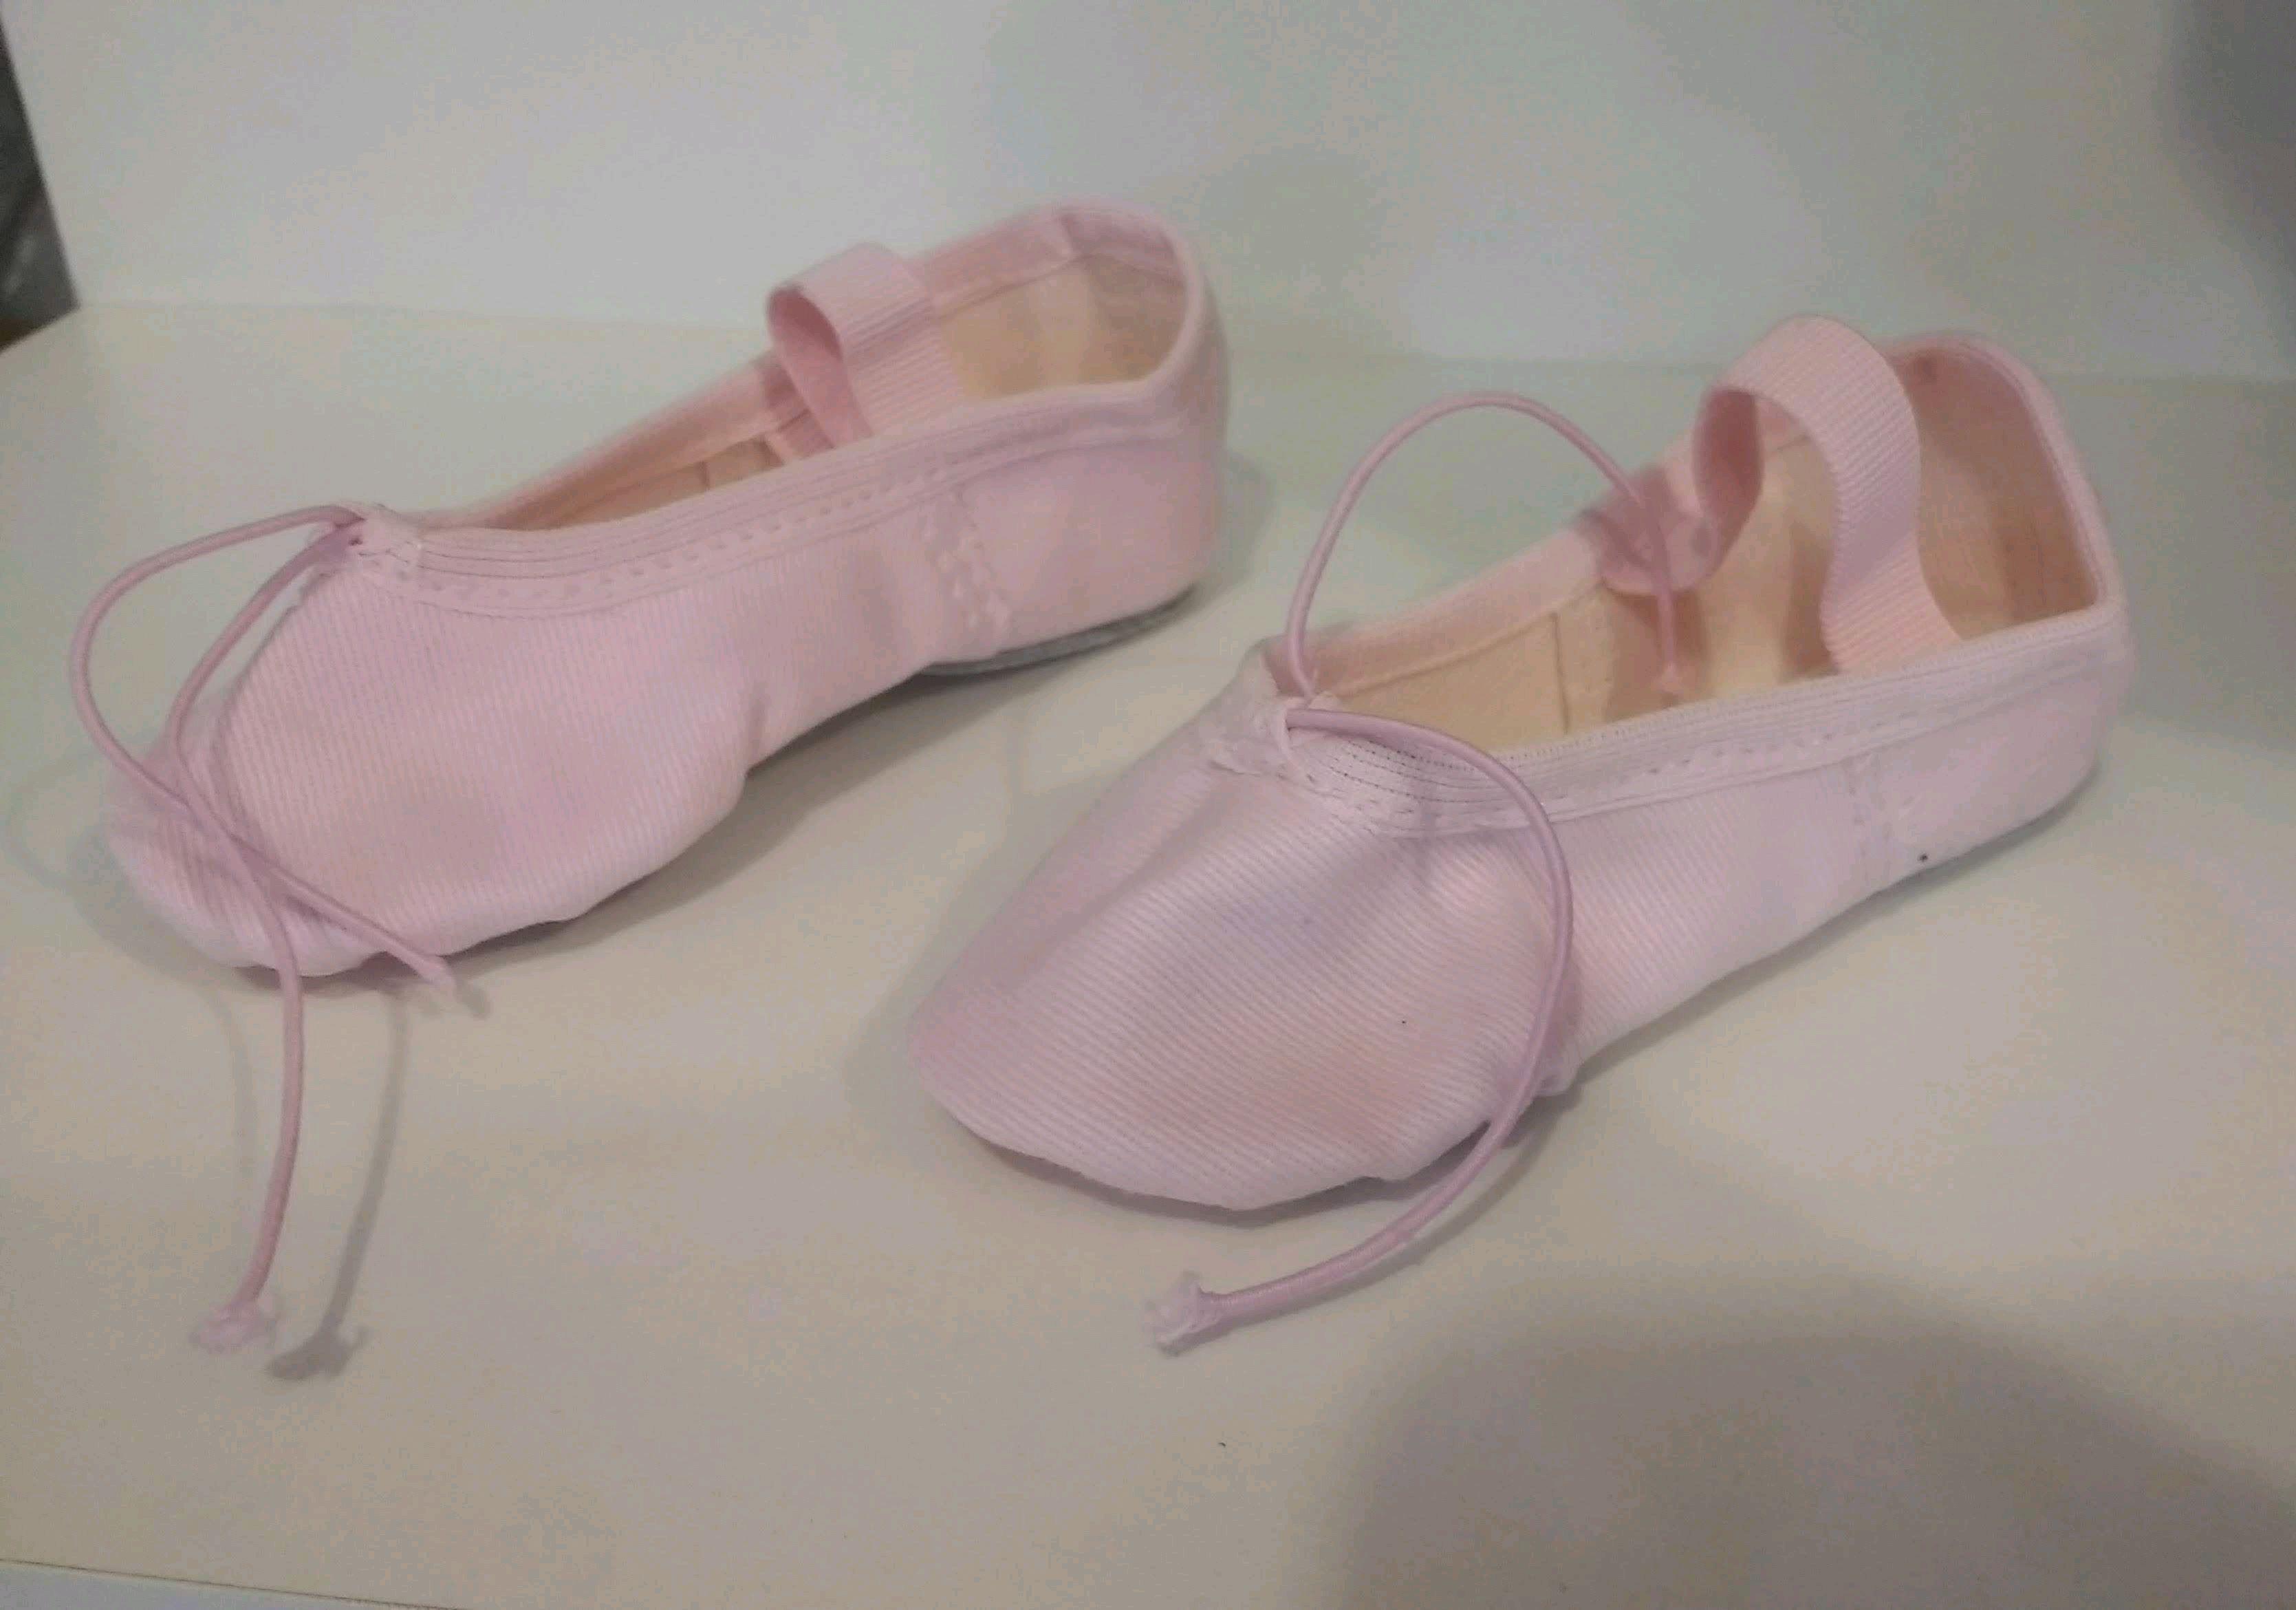 b4724987d2 Kit de Higiene Sapatilha de Ballet